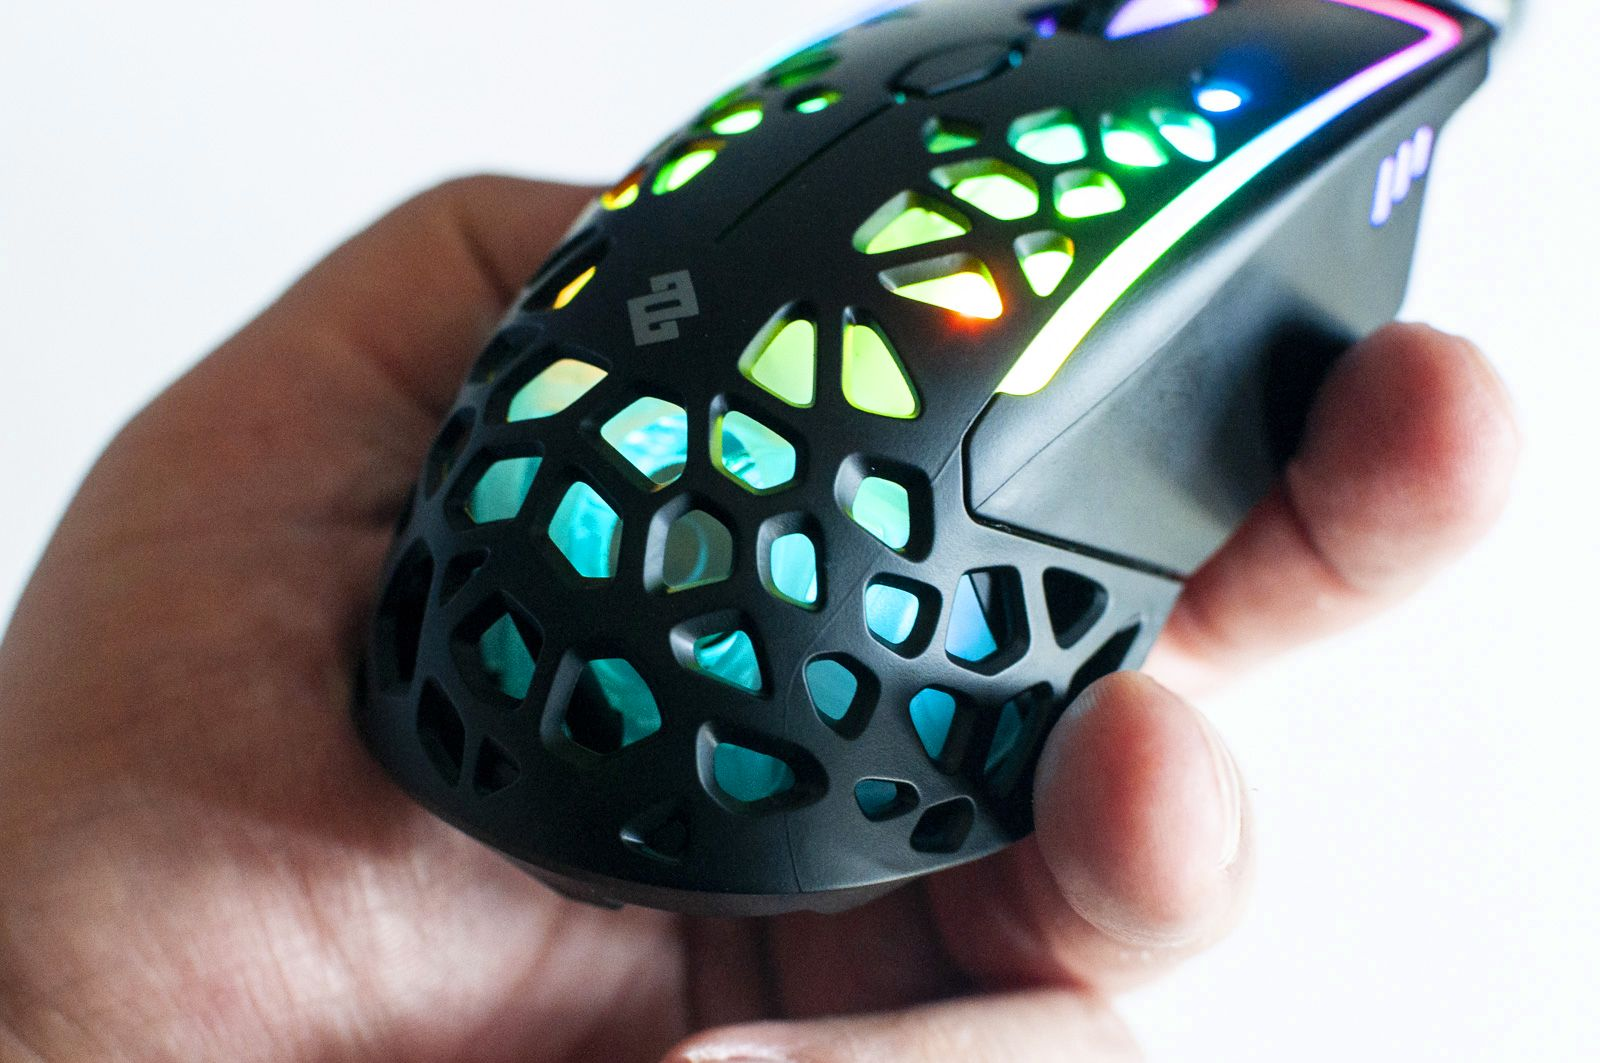 Zephyr, il mouse da gaming col ventilatore incorporato